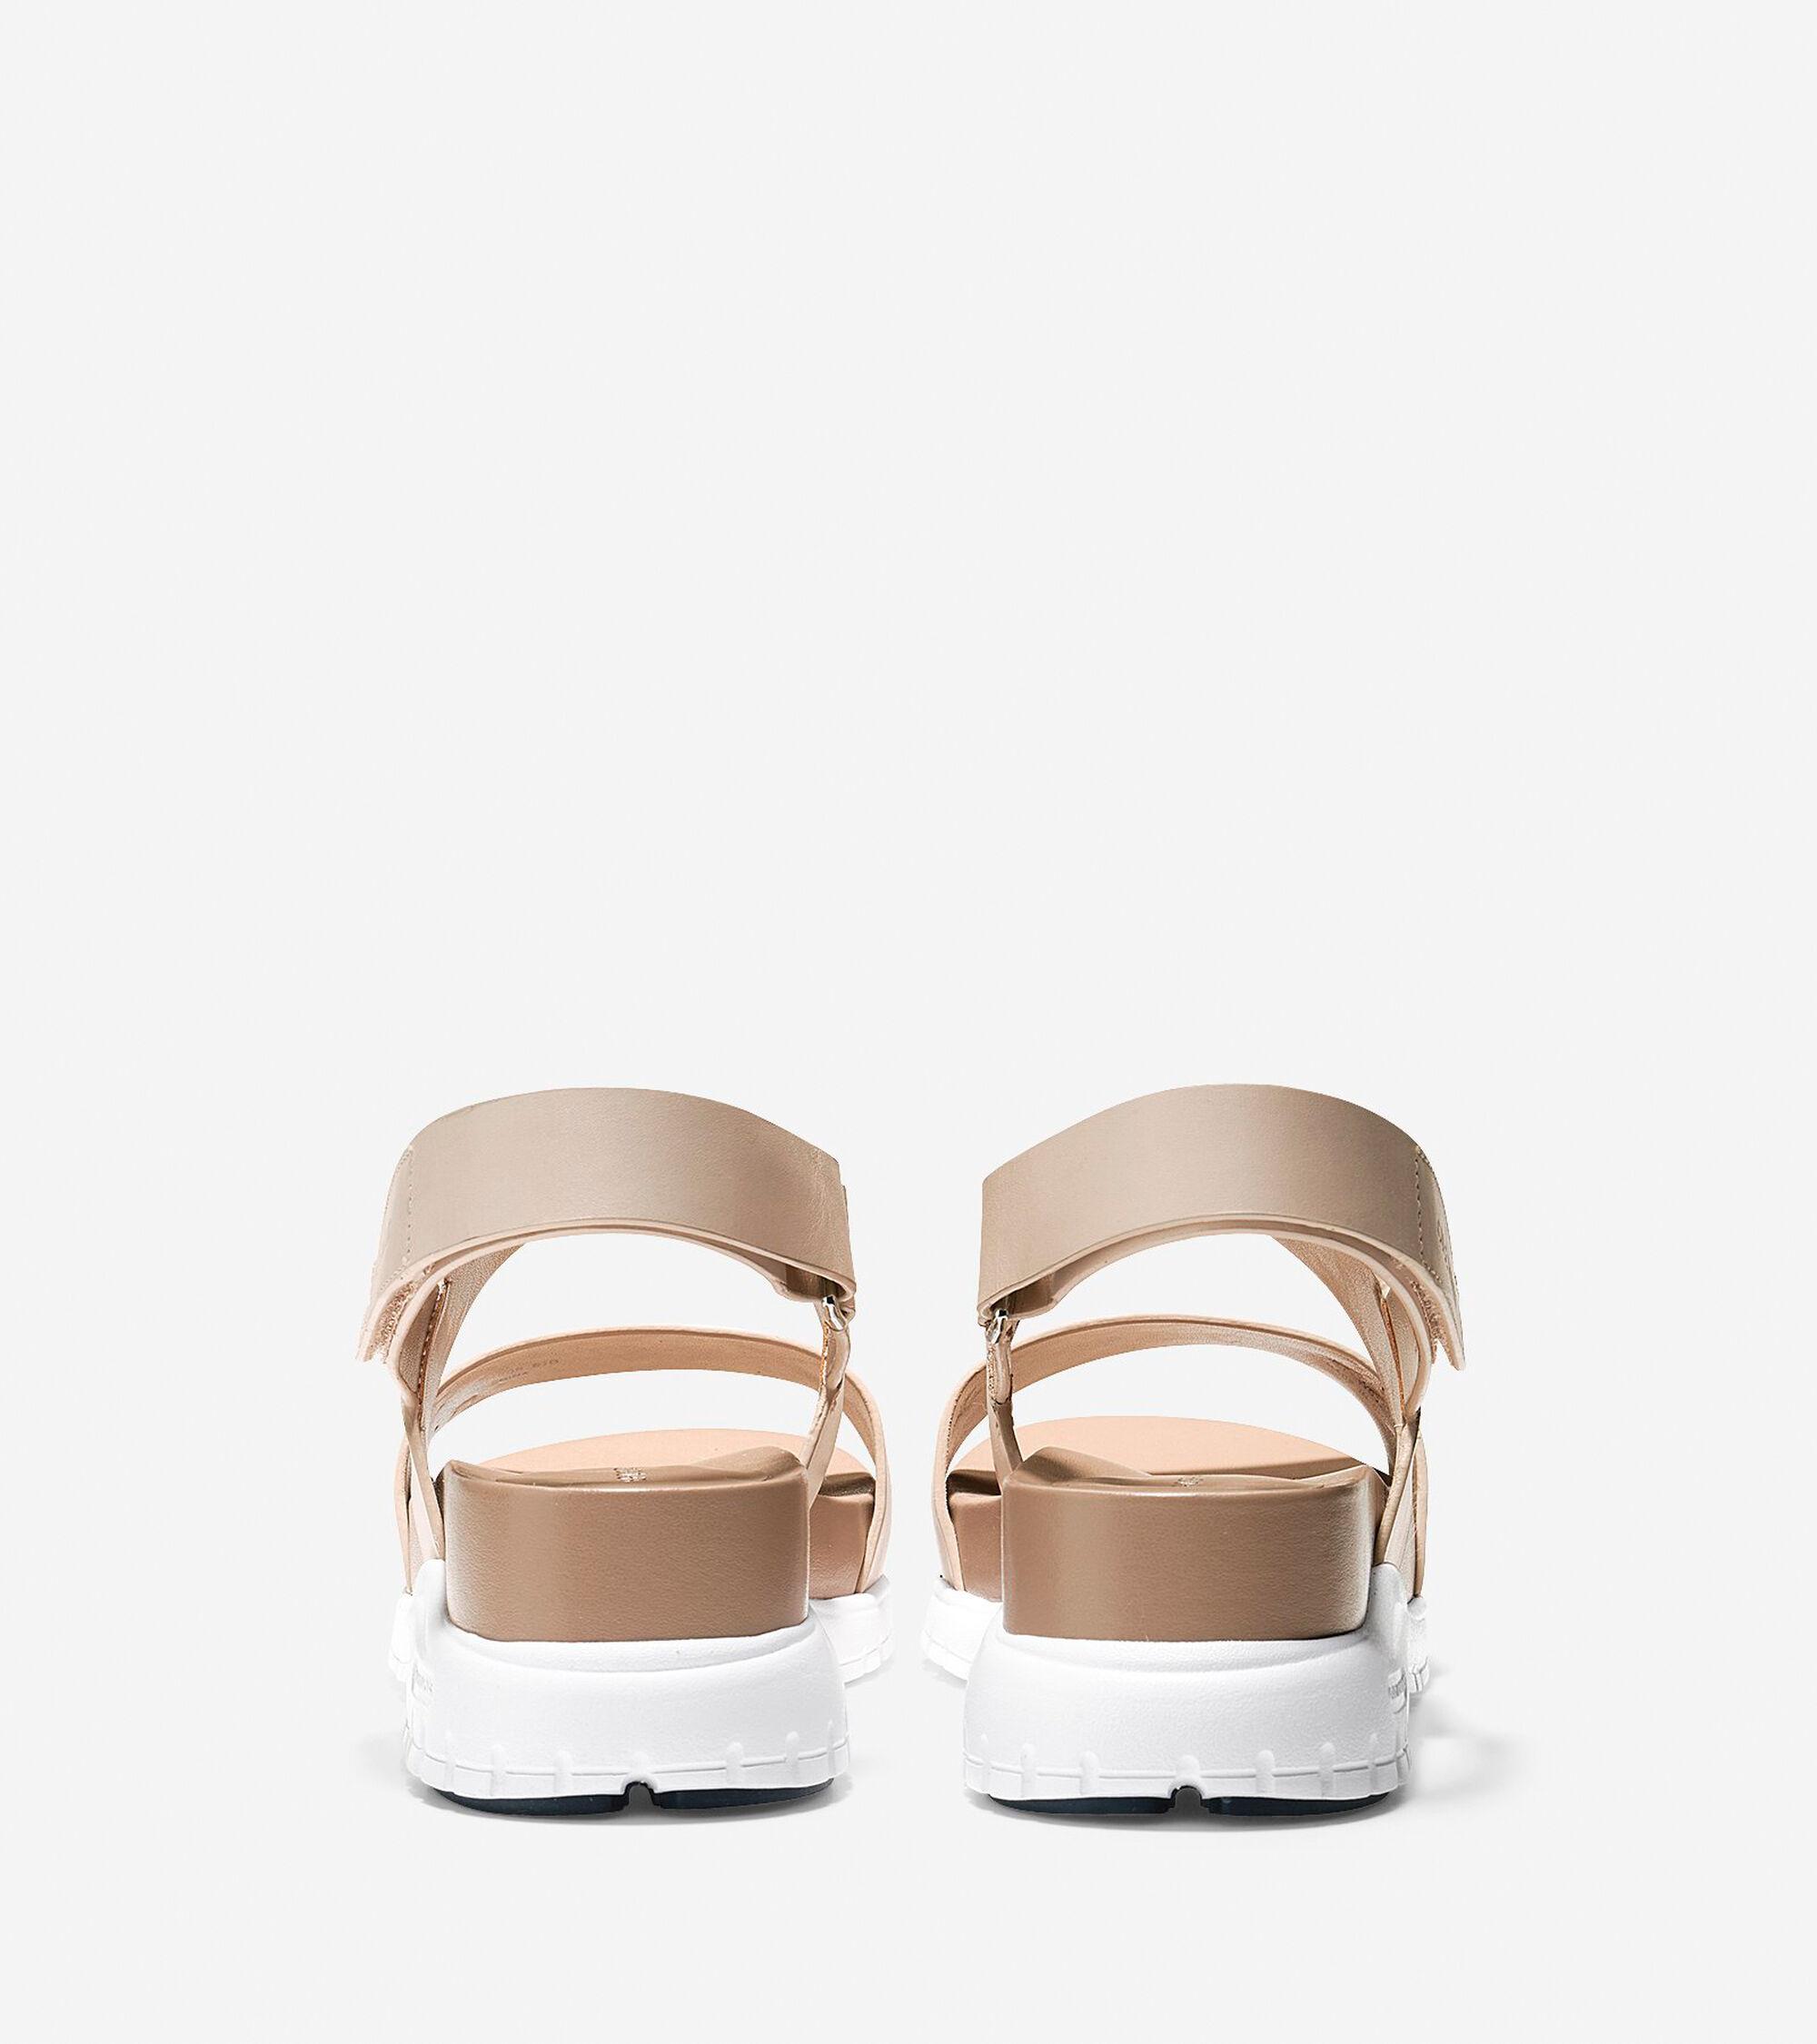 130fc2371b1 Women s ZEROGRAND Slide Sandals in Sandshell